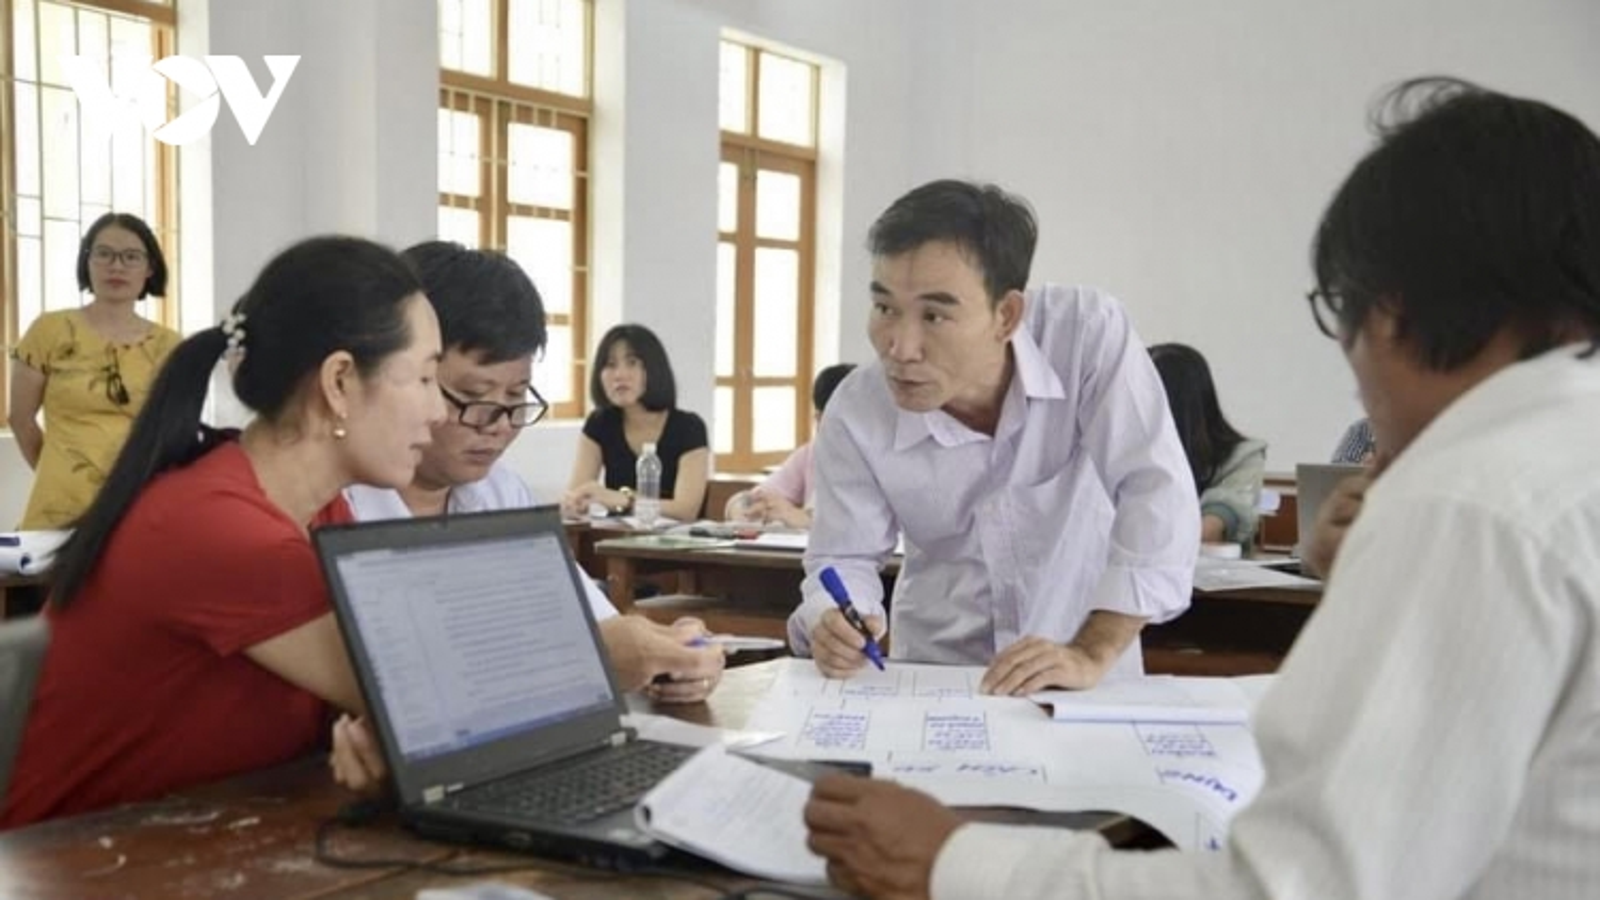 Giáo viên vùng cao chạy máy nổ lấy điện học online, chuẩn bị cho chương trình GDPT mới